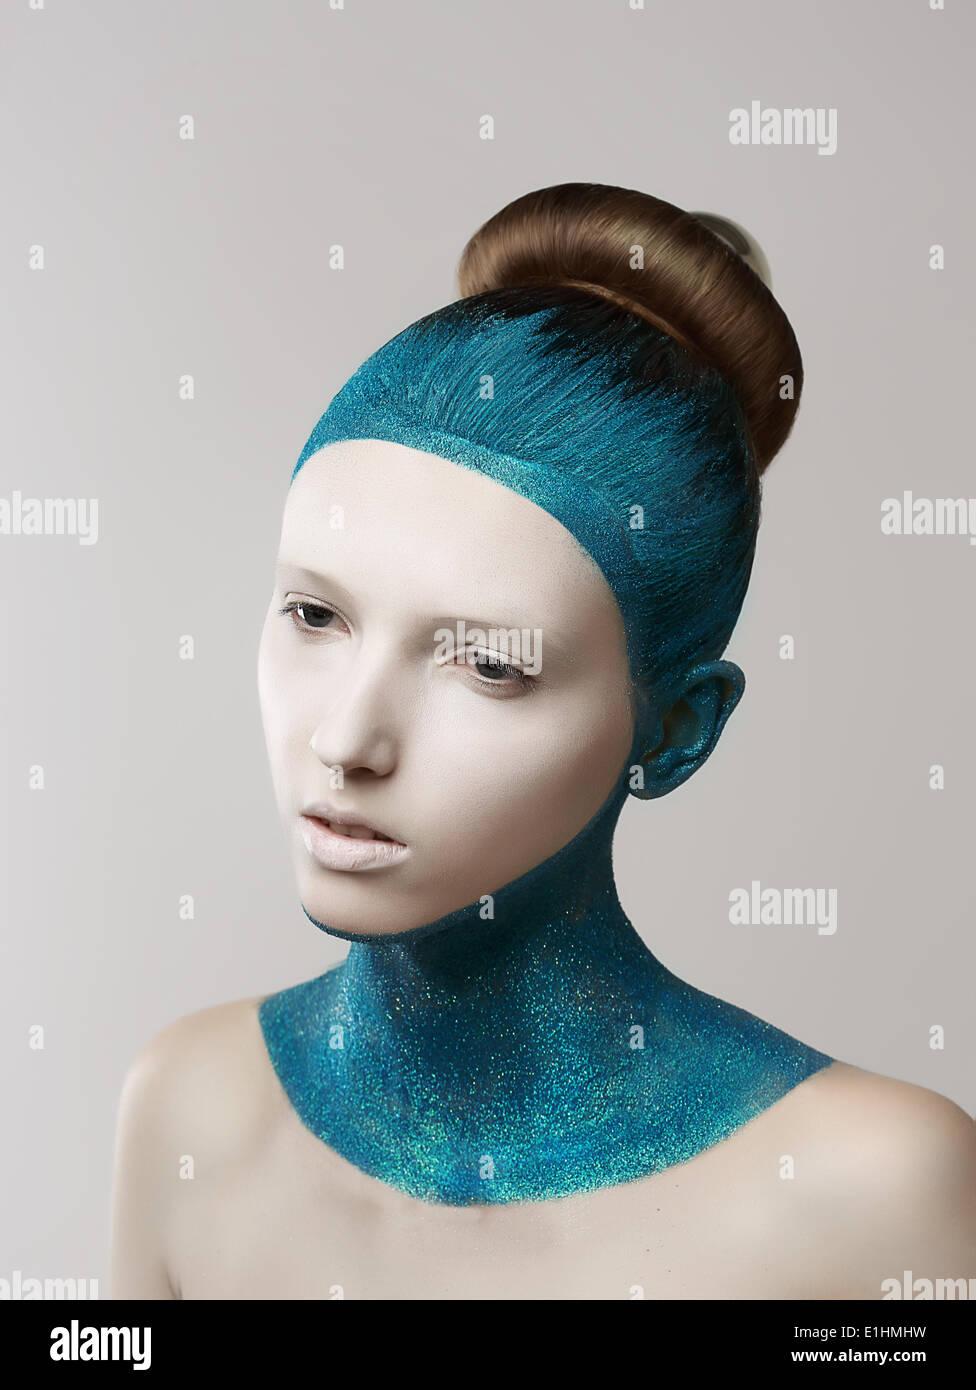 L'espressione. La fantasia. Donna eccentrica con dipinto di blu la pelle e i capelli. Colorazione Foto Stock